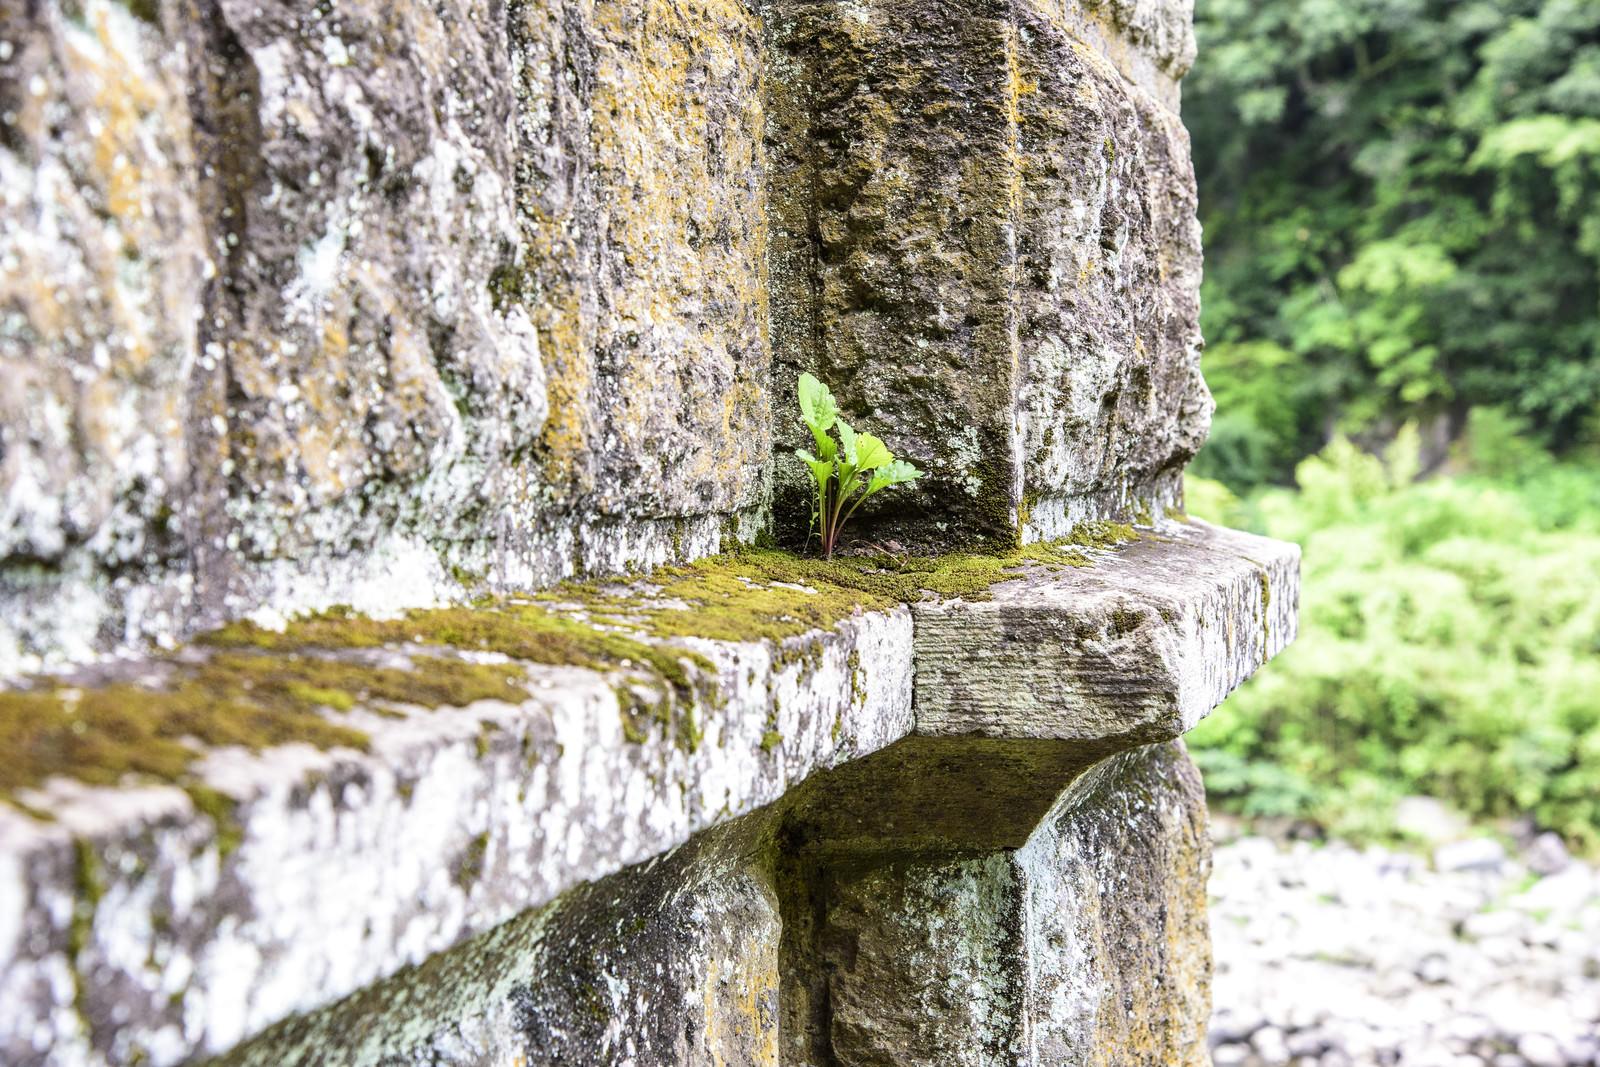 「苔がついた廃墟の壁」の写真